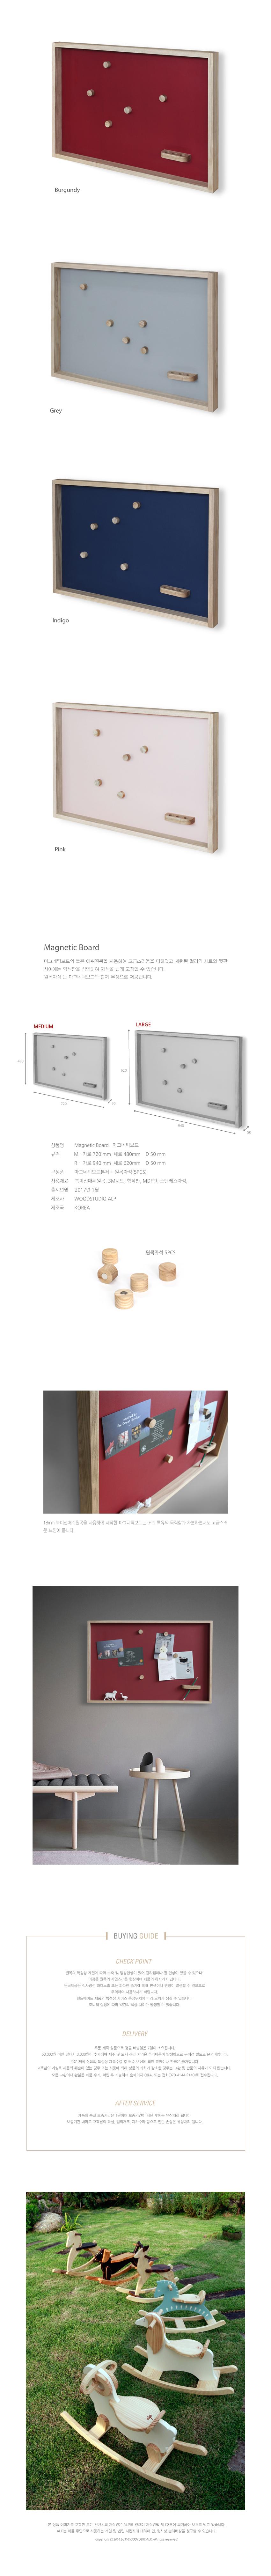 마그네틱보드-자석게시판 - 우드 스튜디오 알프, 89,000원, 수납/선반장, 벽선반